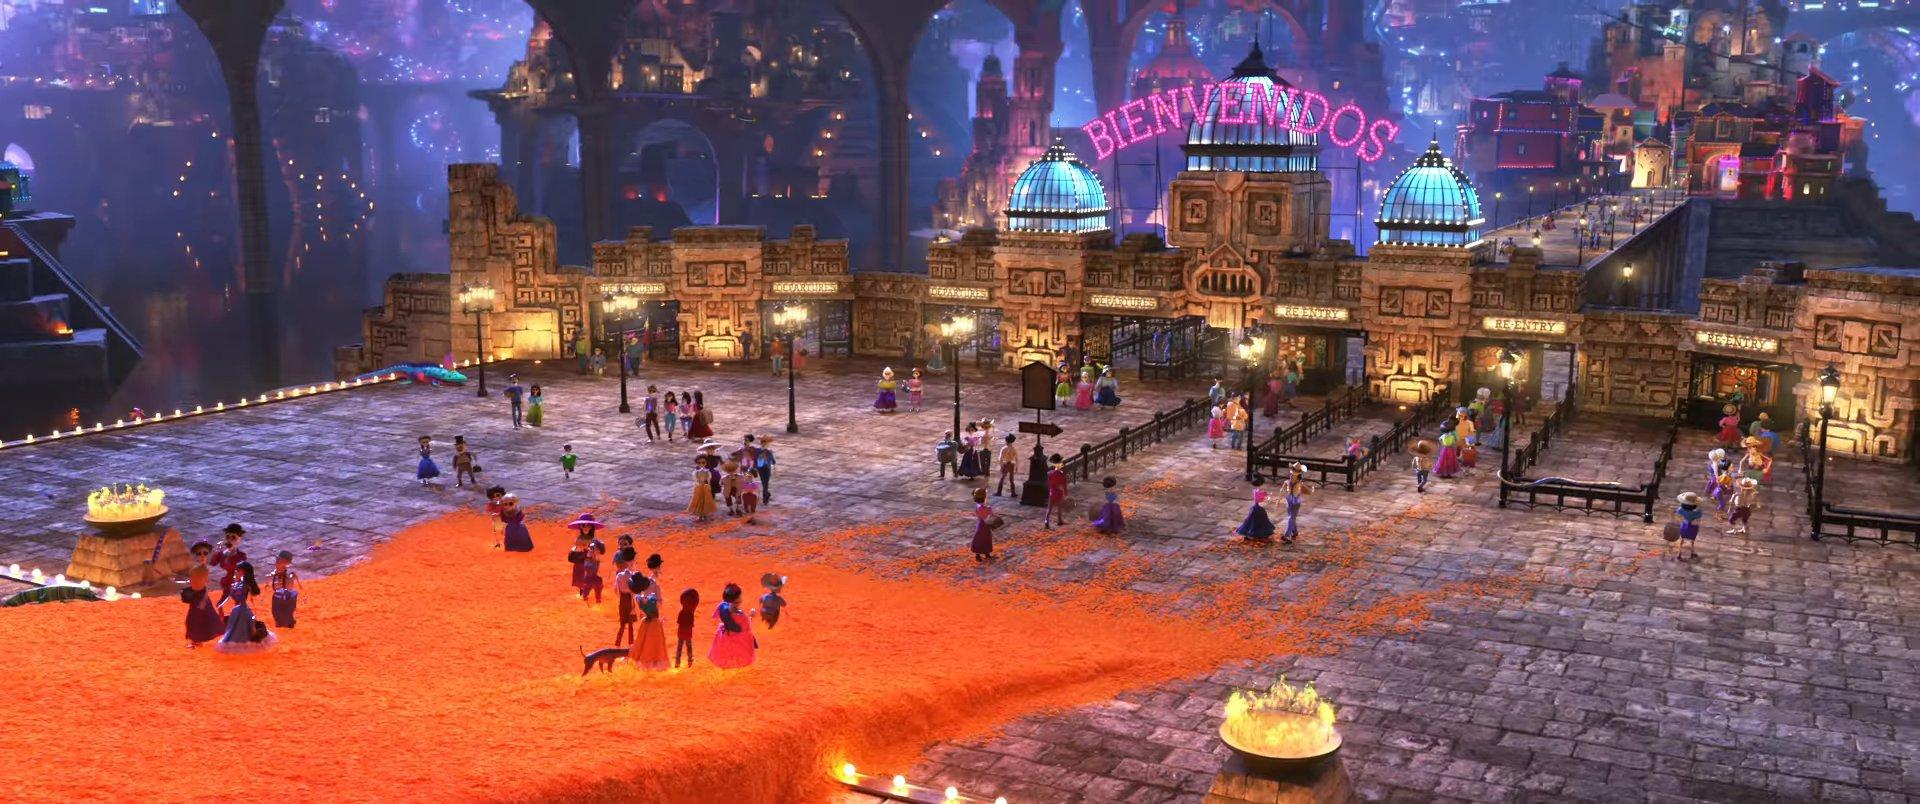 Imagen - Coco Dead's Entrance.jpg   Disney Wiki   FANDOM ...